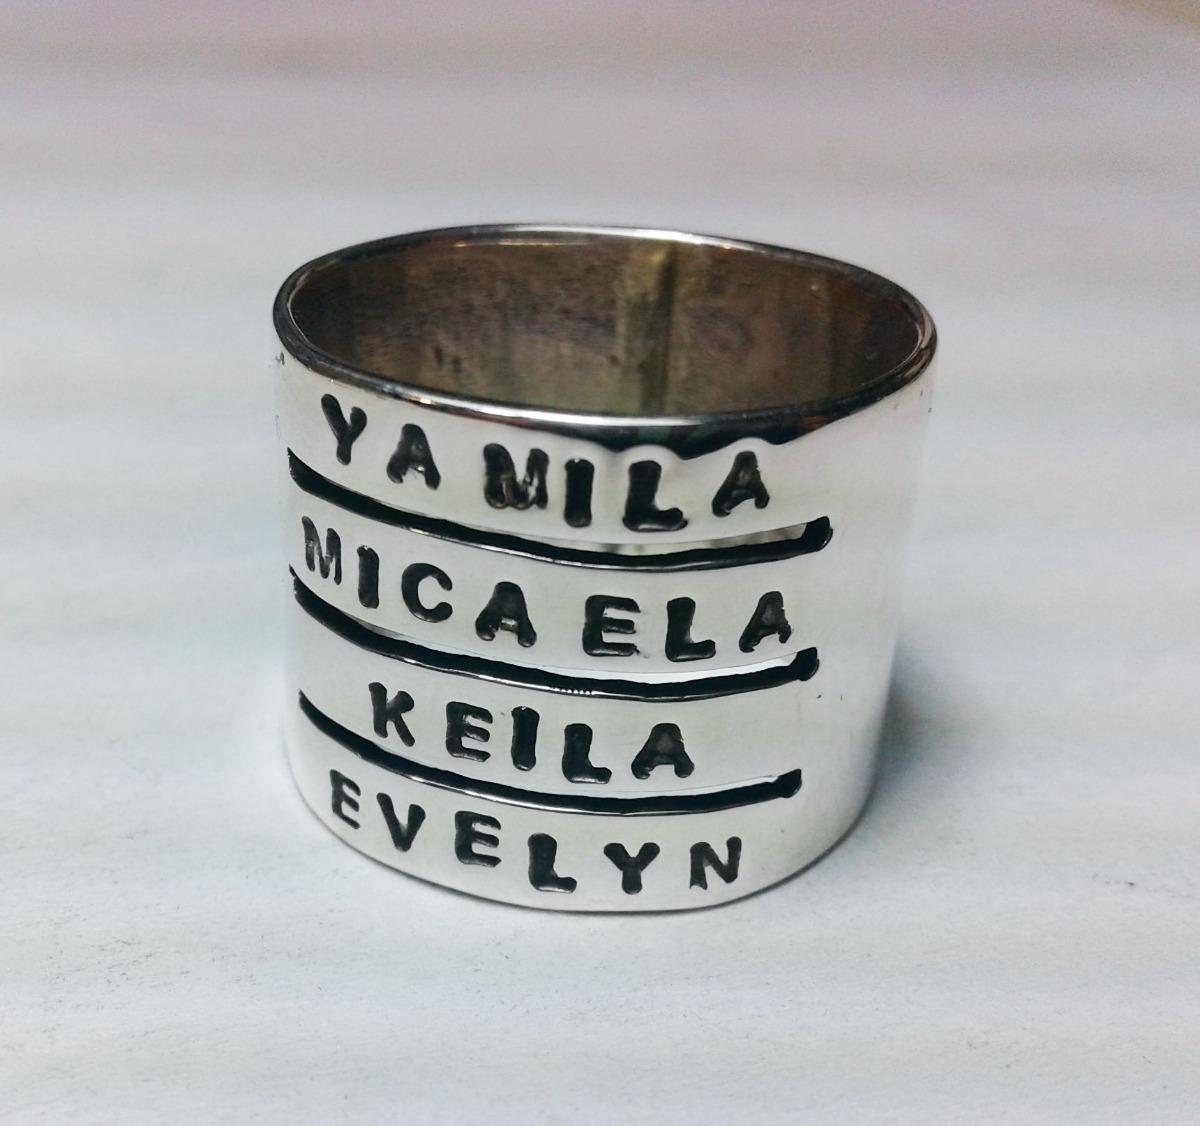 fe1213c5f366 anillo plata 4 nombres frases letras personalizado unico. Cargando zoom.